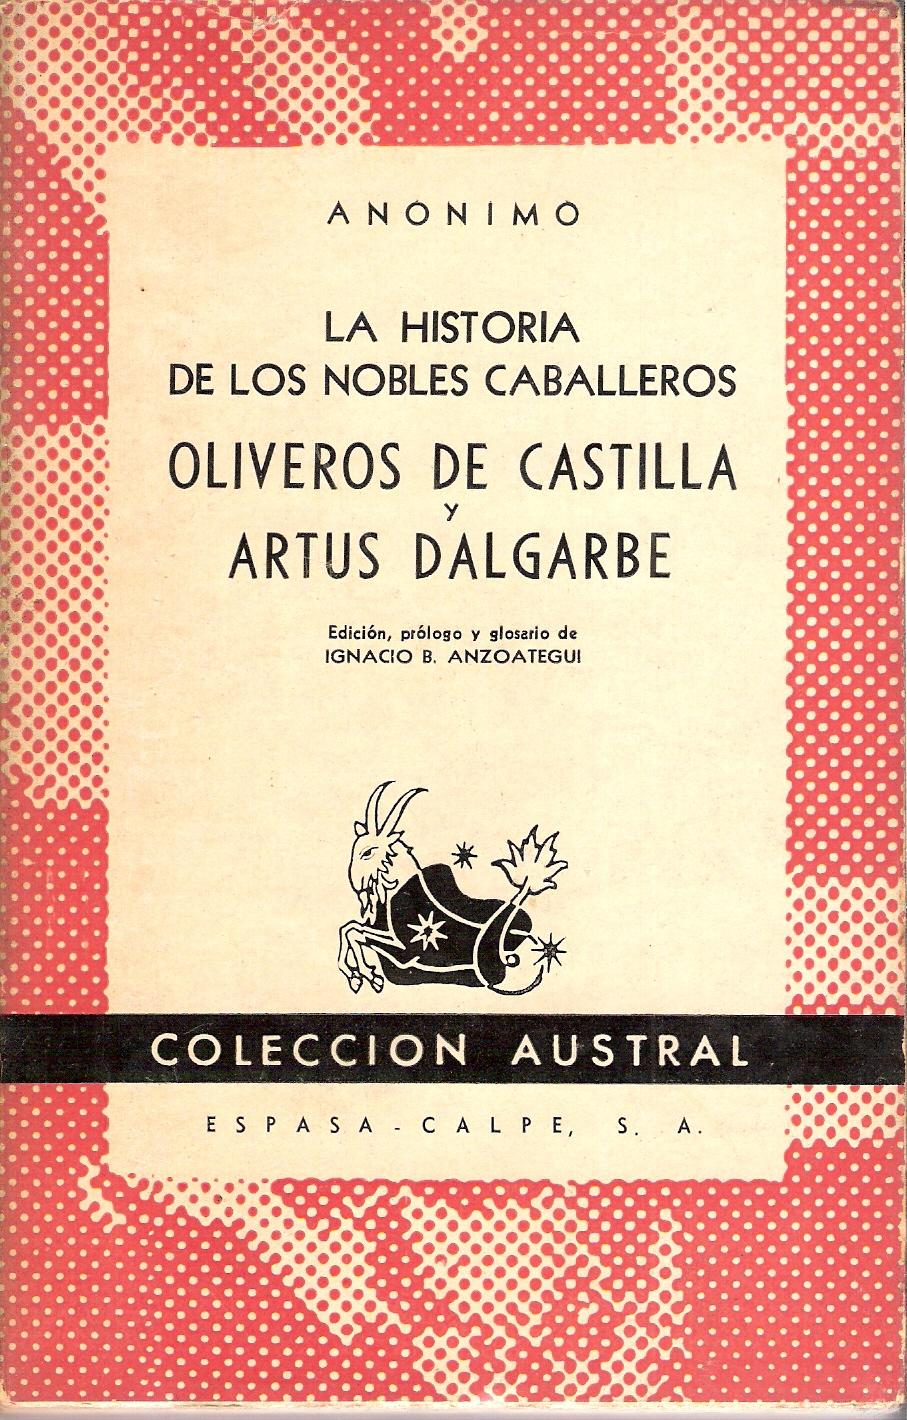 La historia de los nobles caballeros Oliveros de Castilla y Artús Dalgarbe